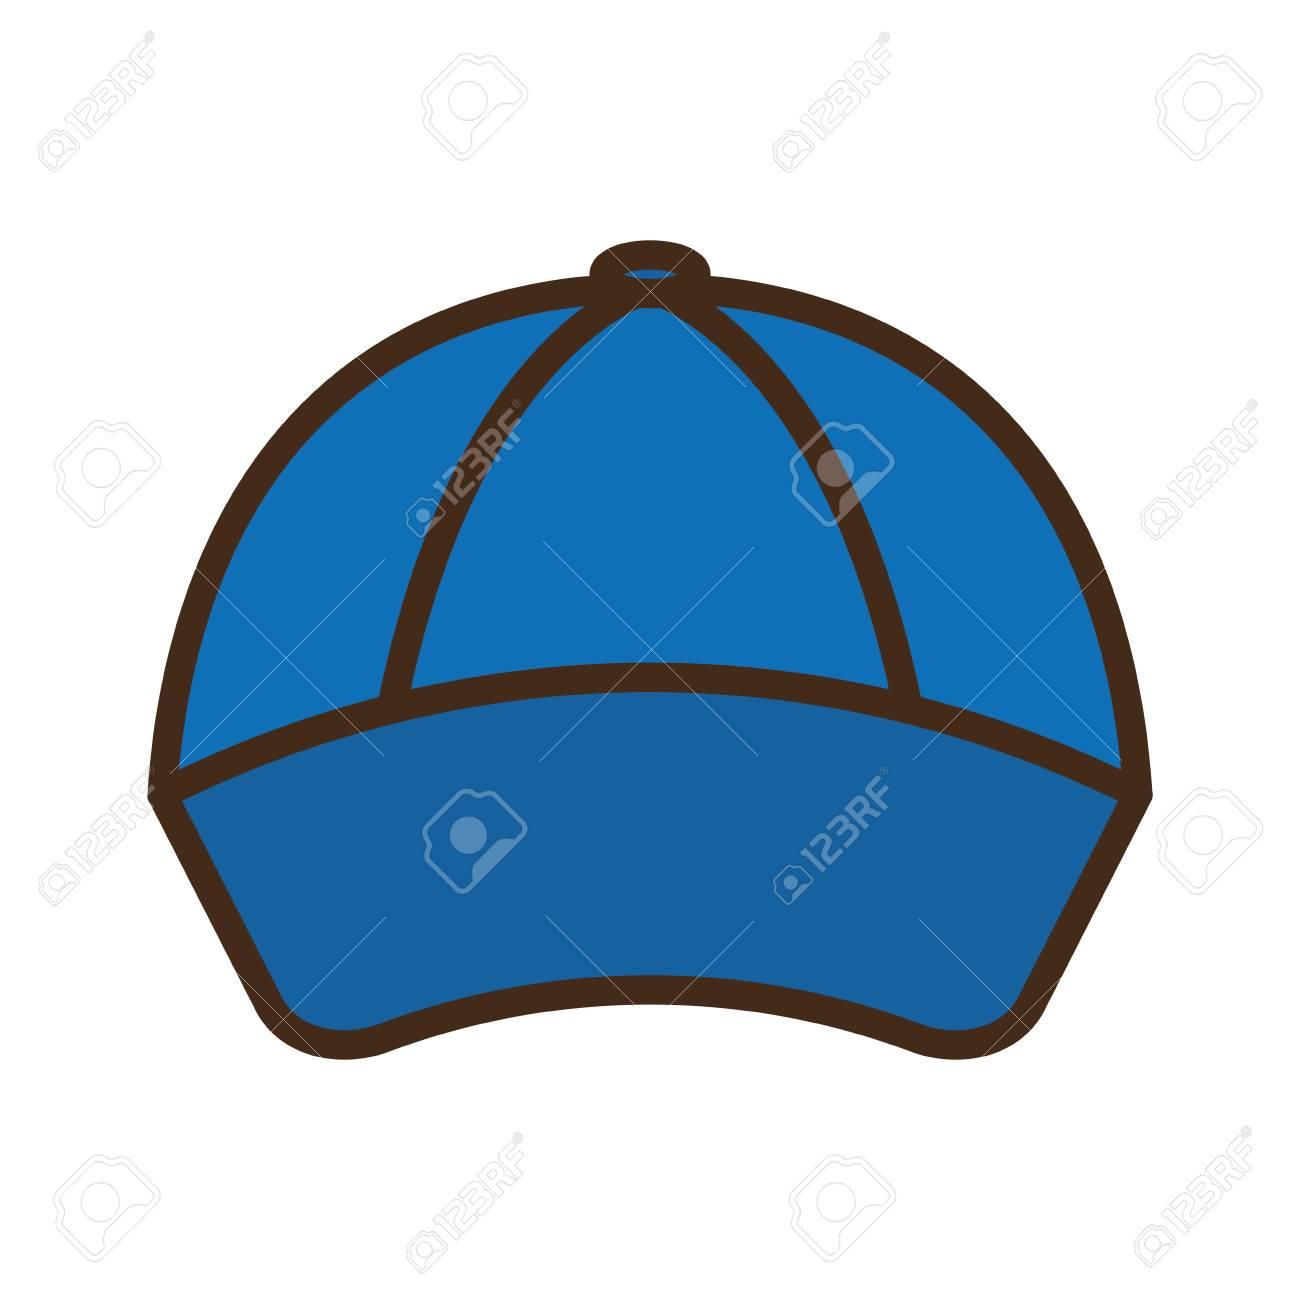 野球帽分離アイコン ベクトル イラスト デザインのイラスト素材ベクタ